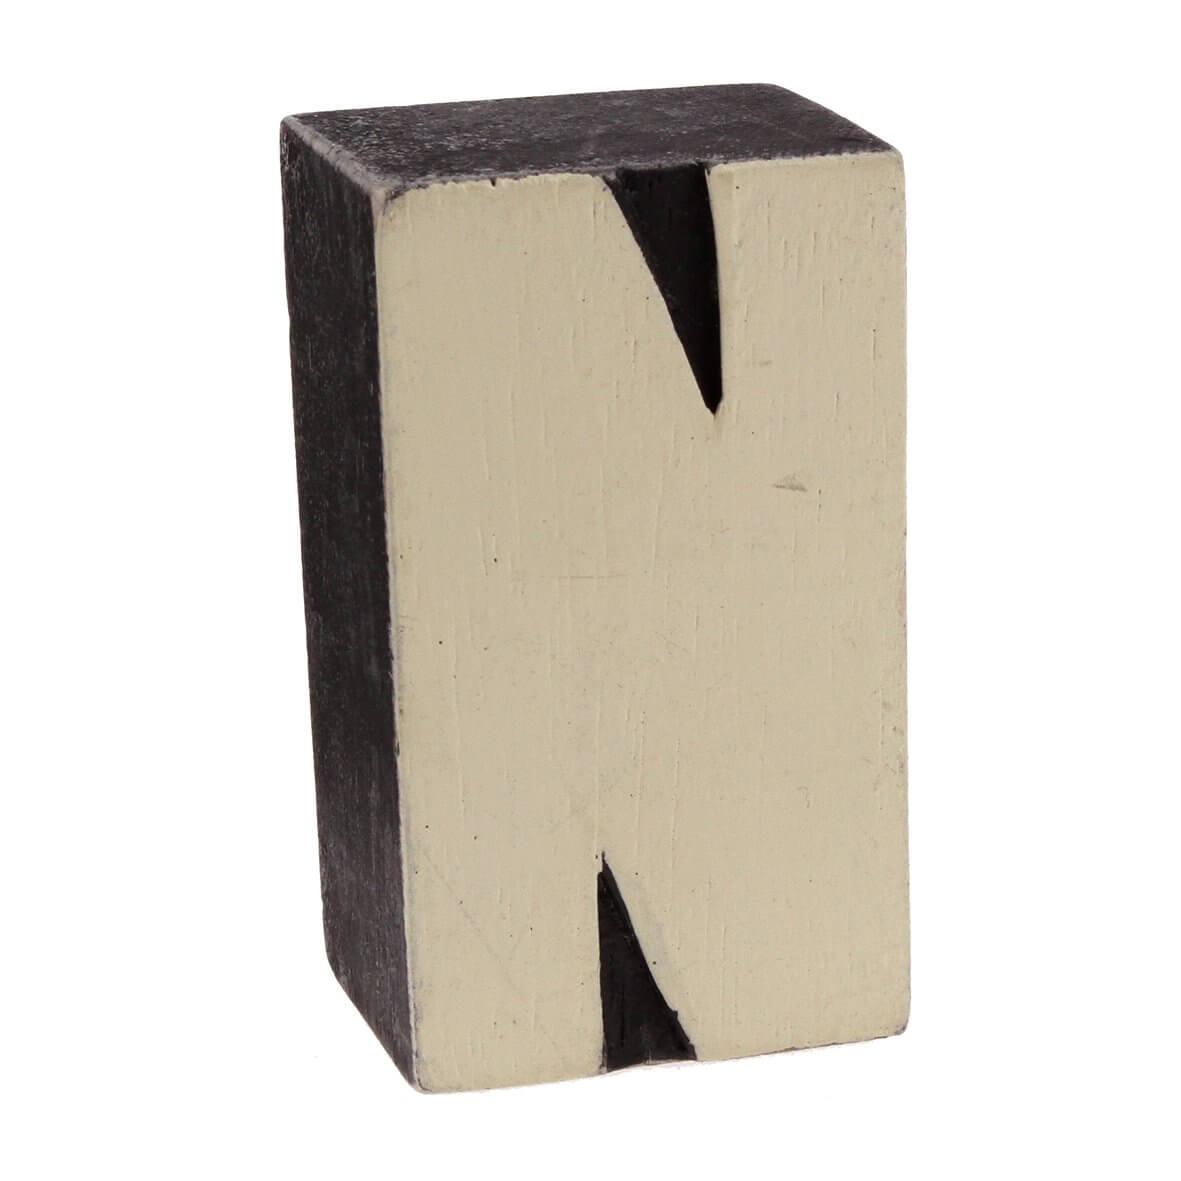 Wood block letter - N